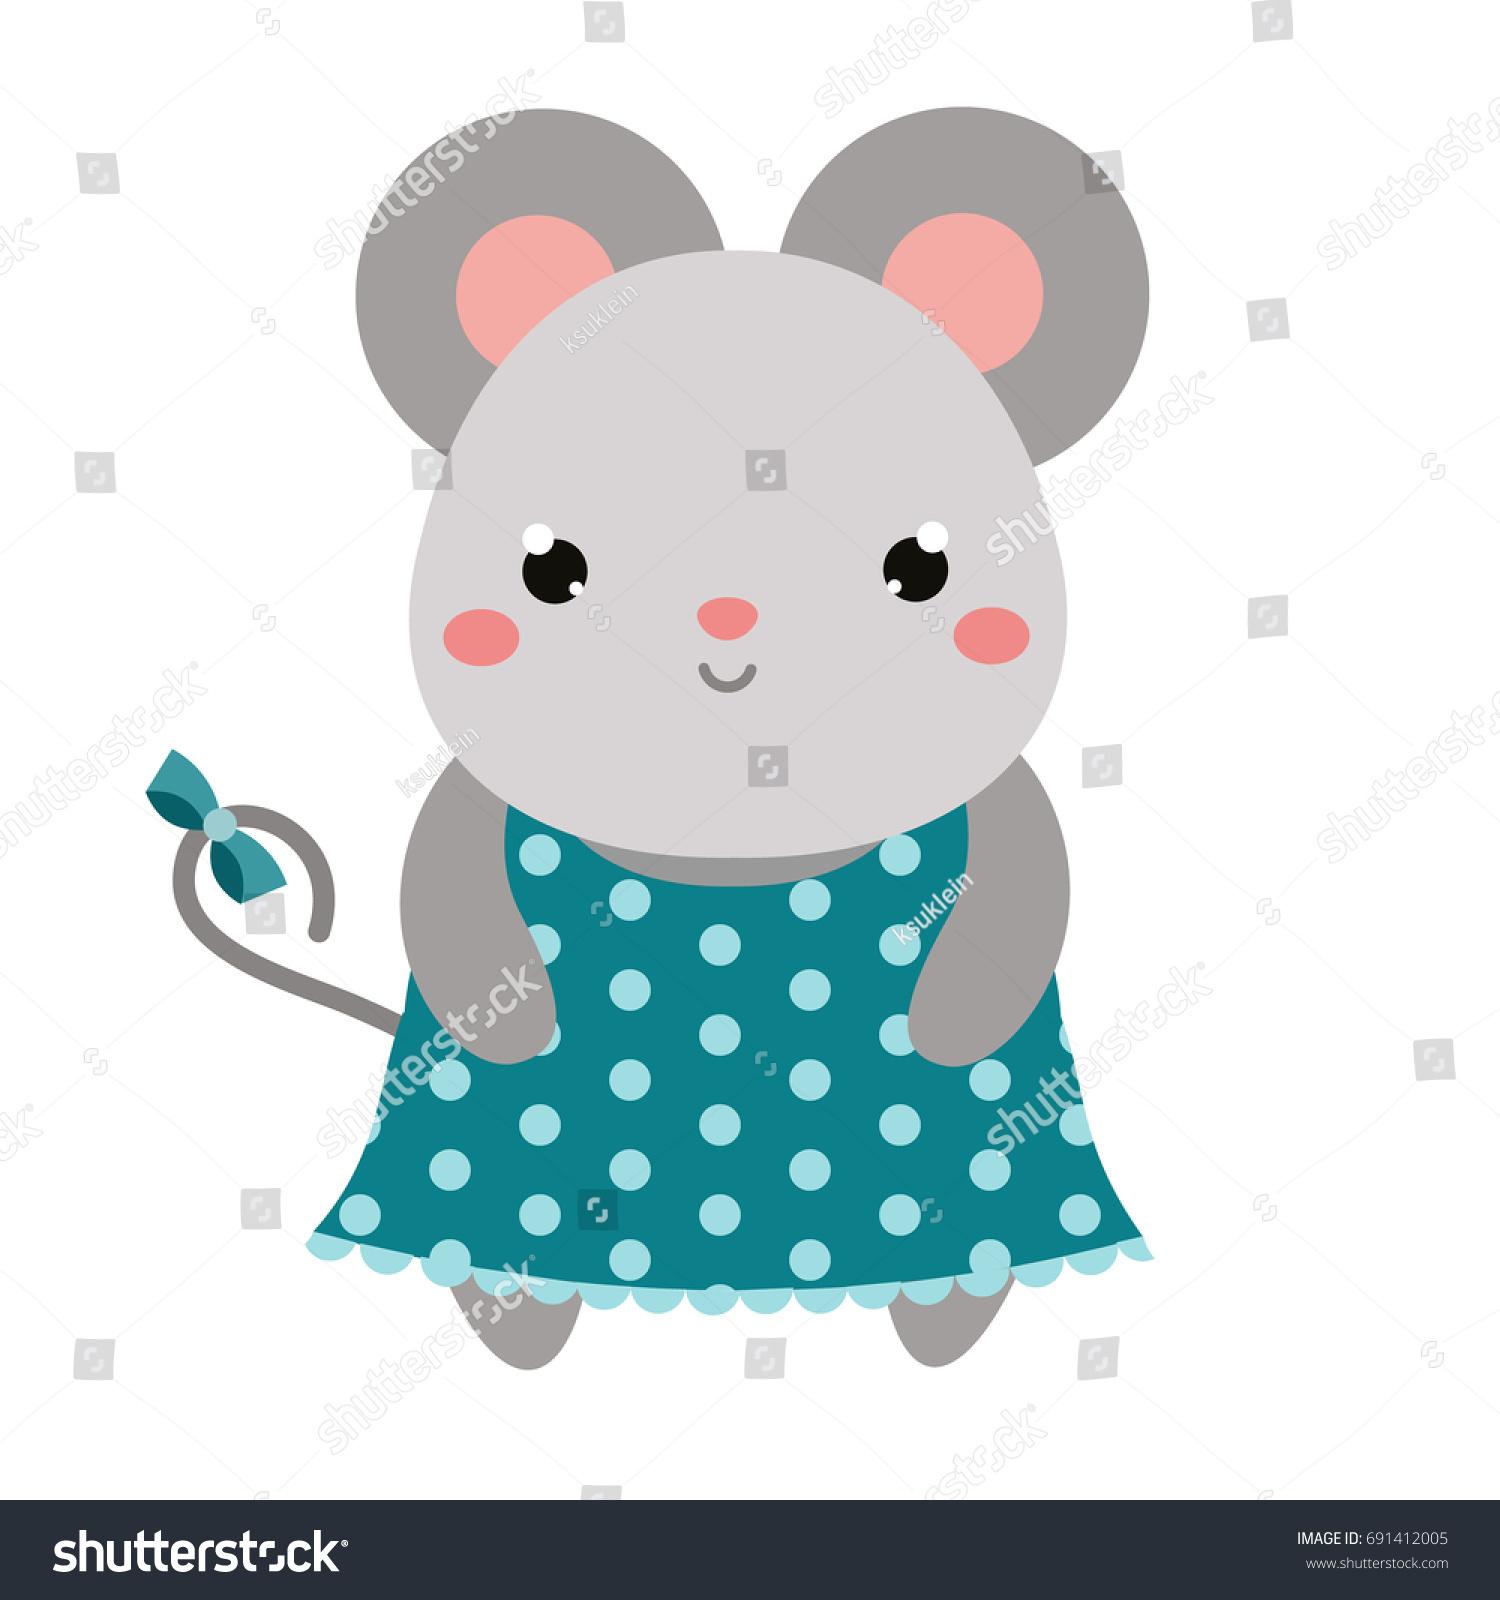 Cute Mouse Polka Dot Dress Children Stock Illustration 691412005 ...